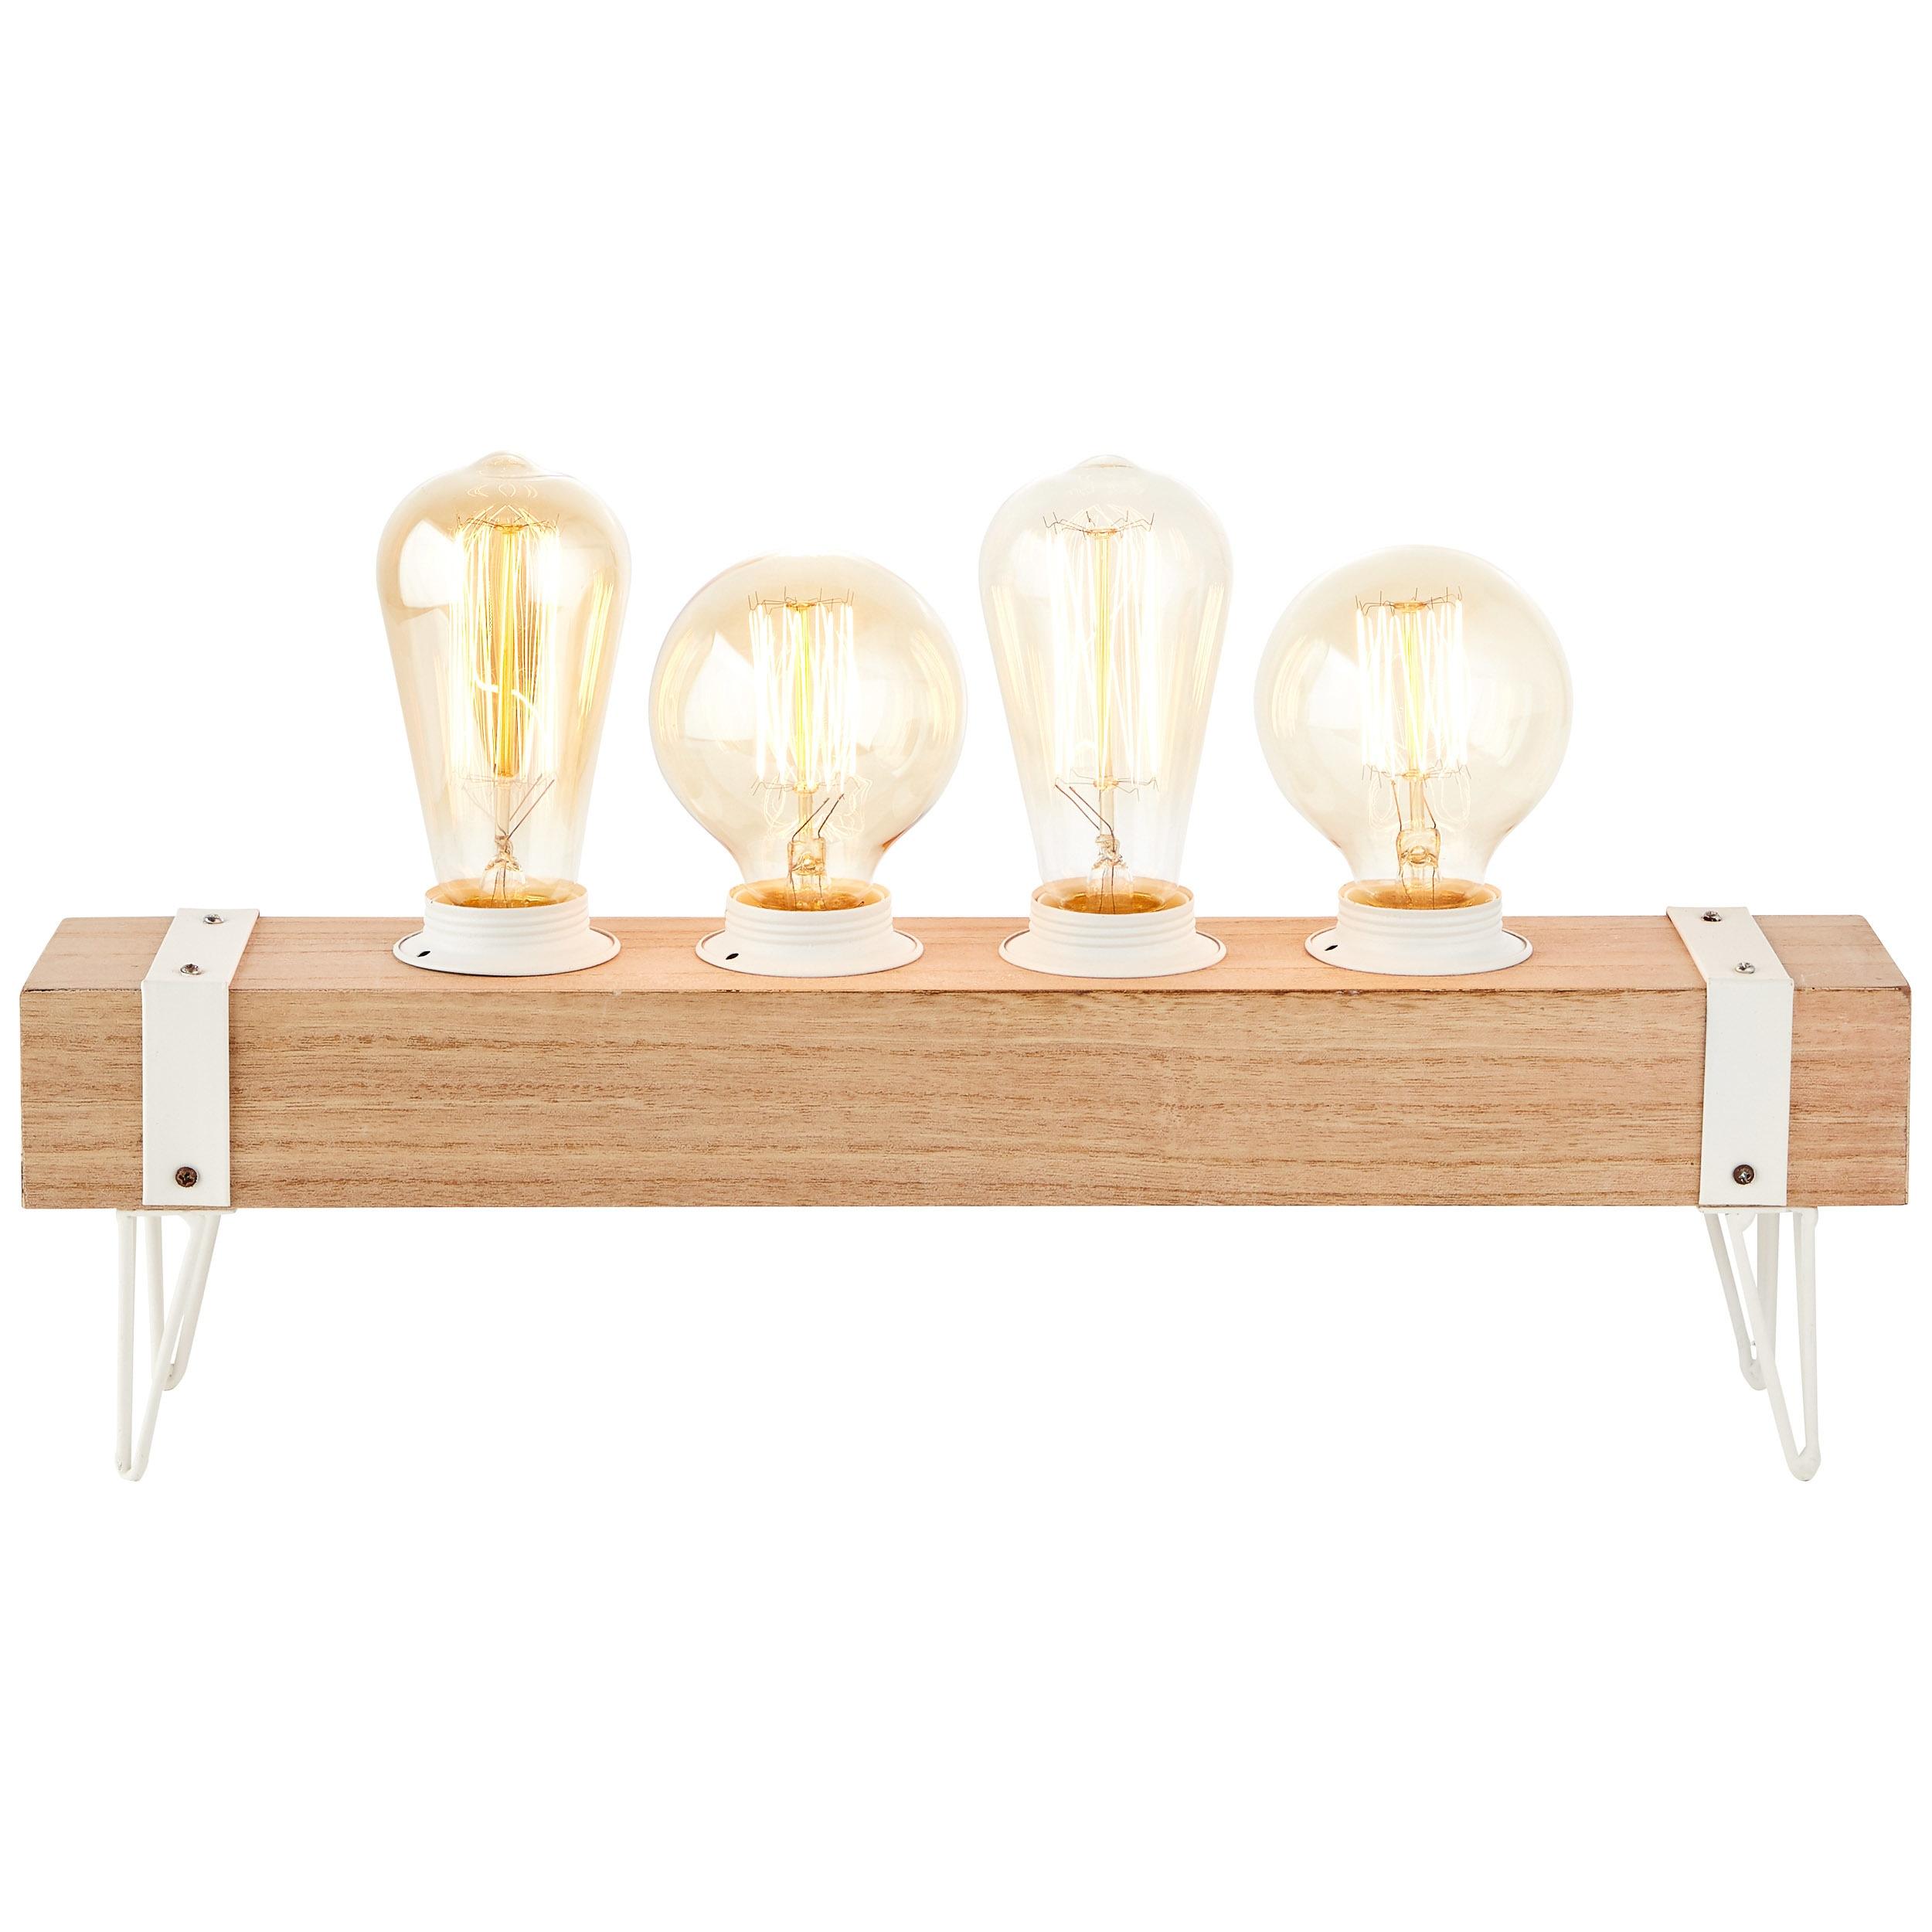 Brilliant Leuchten White Wood Tischleuchte 4flg beton/holz hellweiß